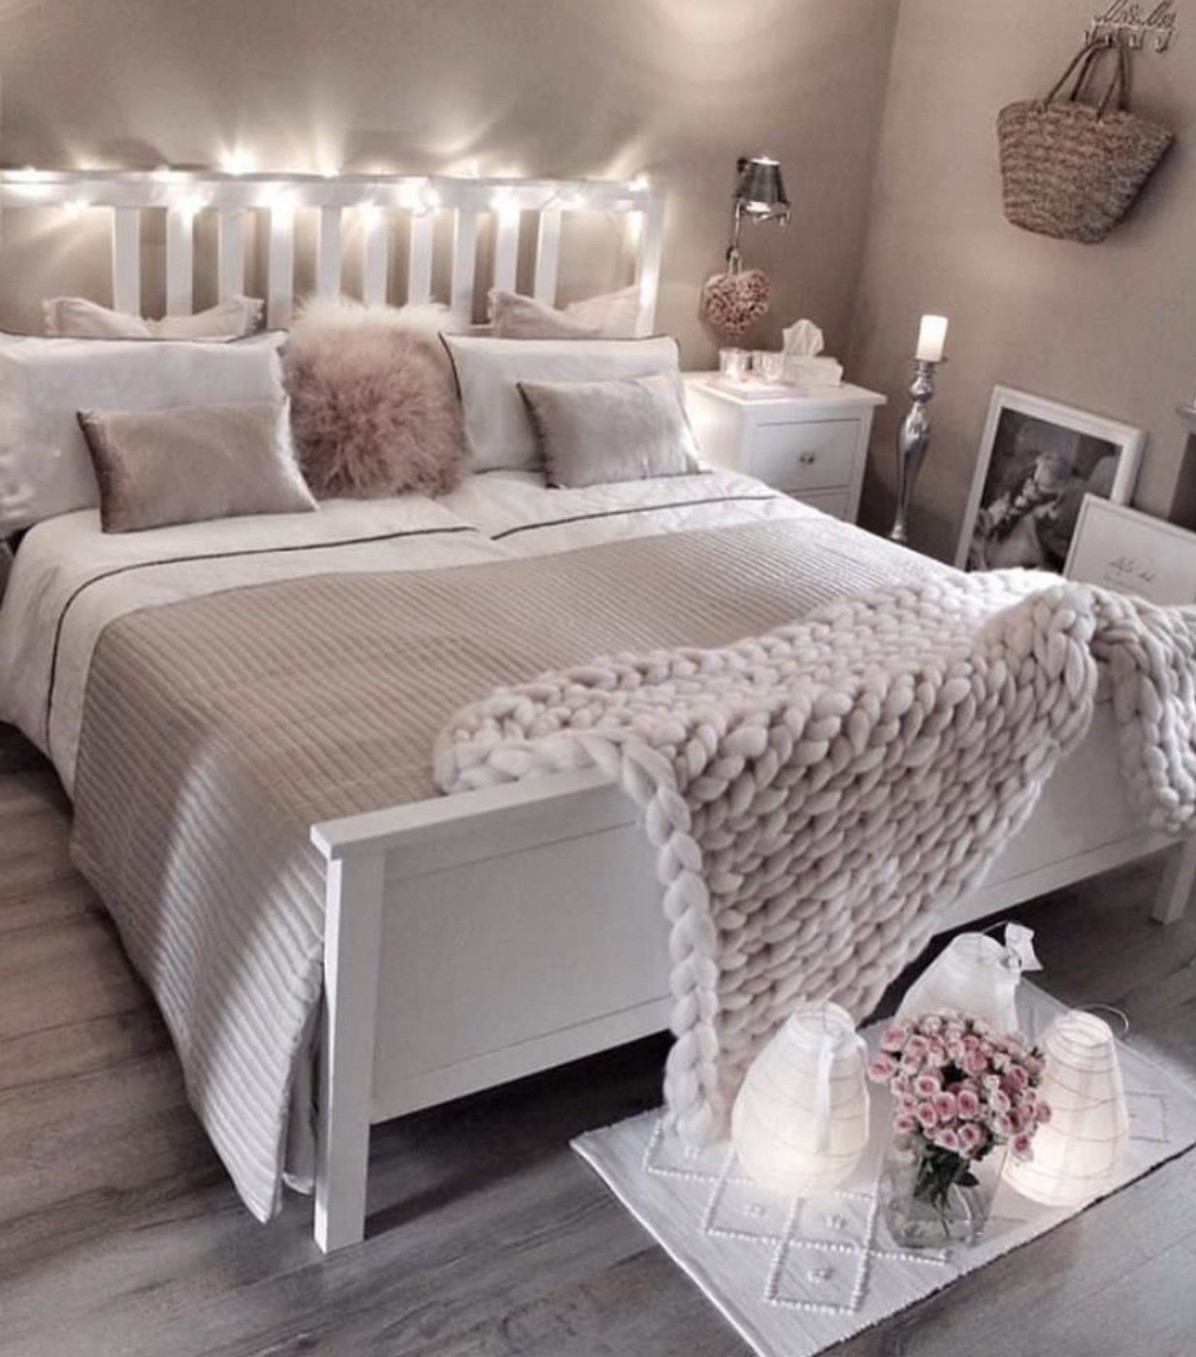 Pinterest: ✨ᶠᴬᴵᵀᴴ✨  Bedroom ideas for small rooms  - Bedroom Ideas Pinterest Grey